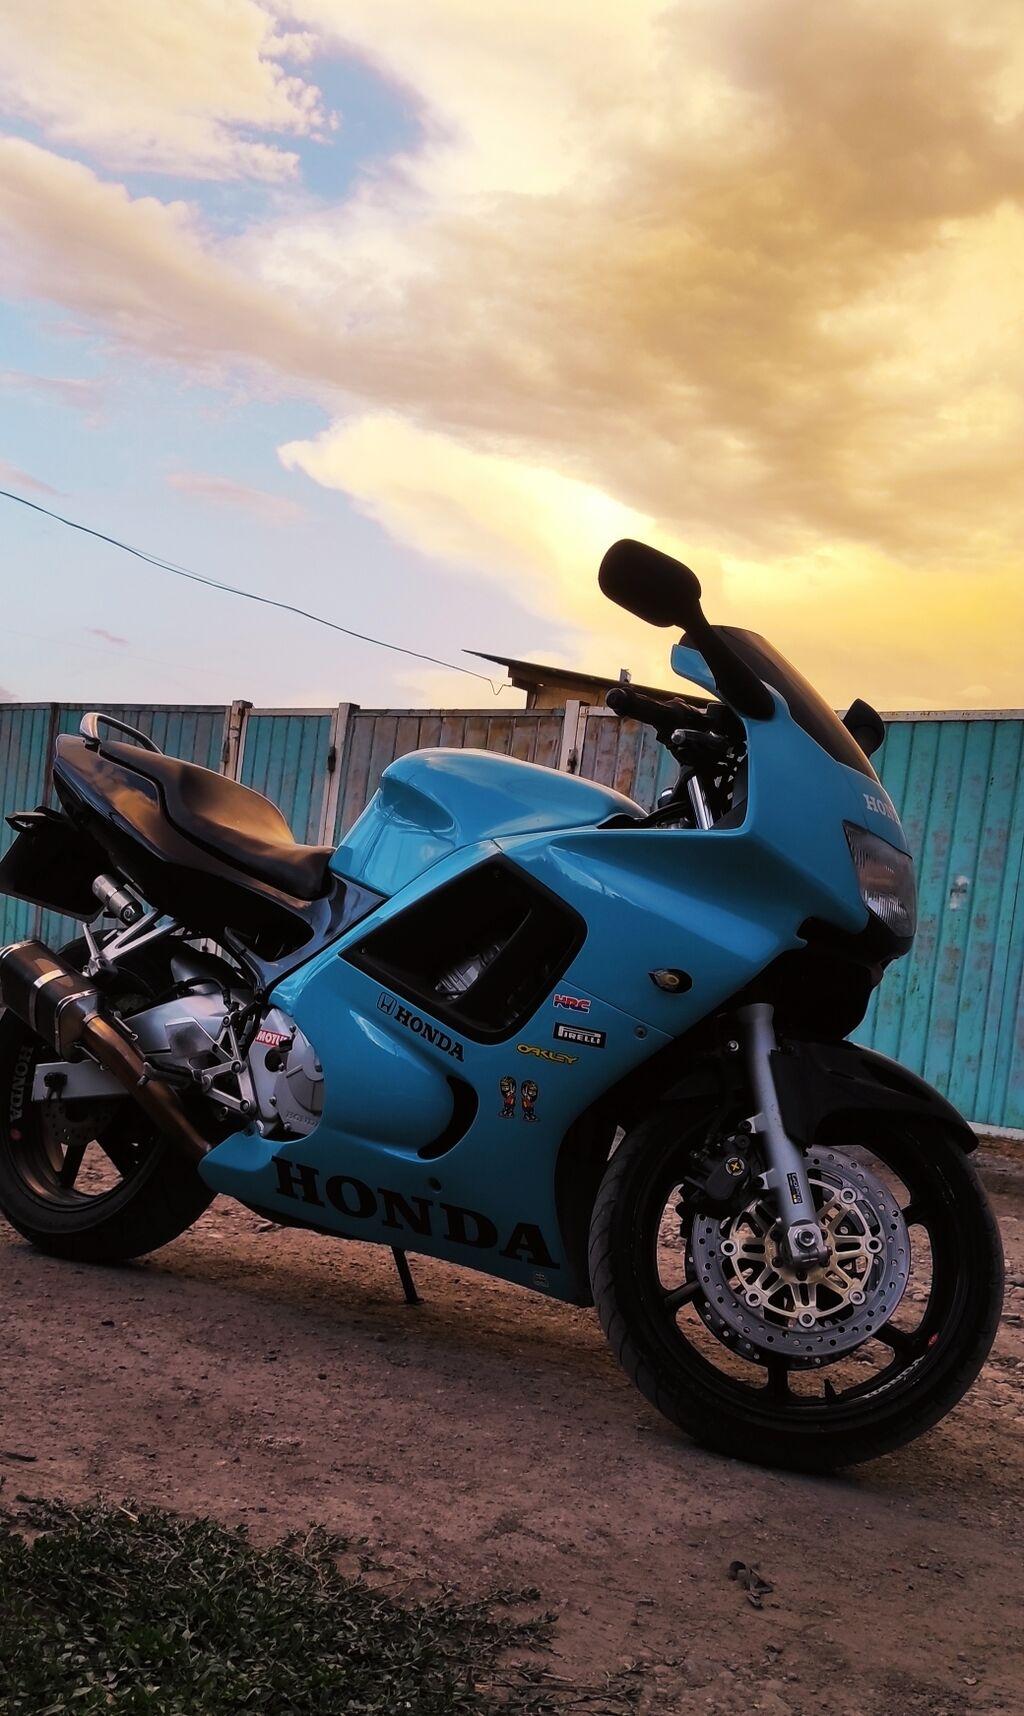 Продаю мотоцикл Honda CBR 600f1998 годВ идеальном состоянии, полностью: Продаю мотоцикл Honda CBR 600f1998 годВ идеальном состоянии, полностью